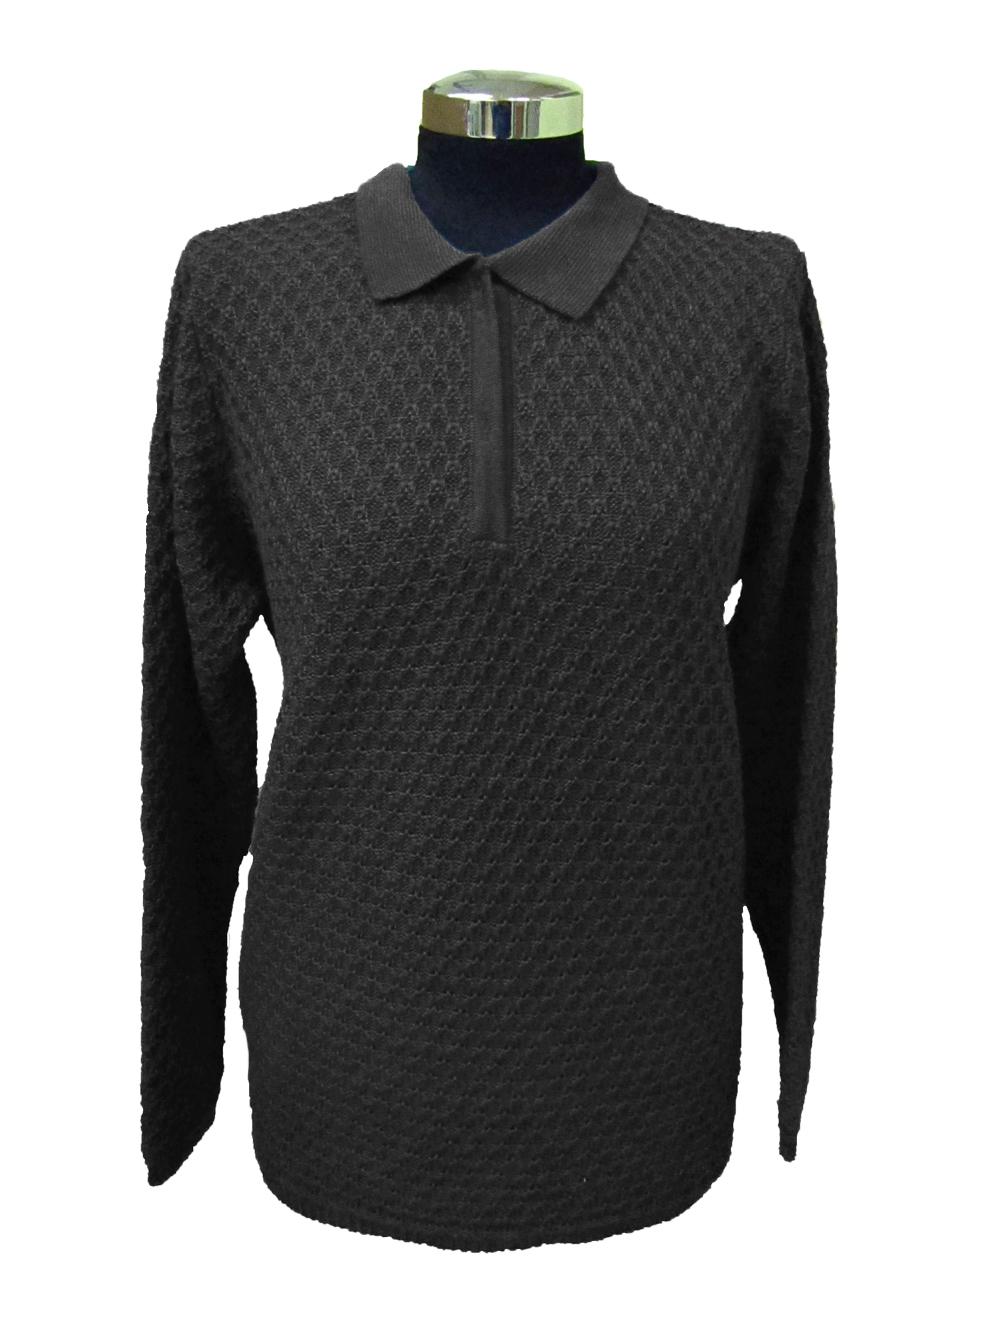 Maglia Polo Lavorazione 11 Grigia - Grey Polo Sweater Work 11